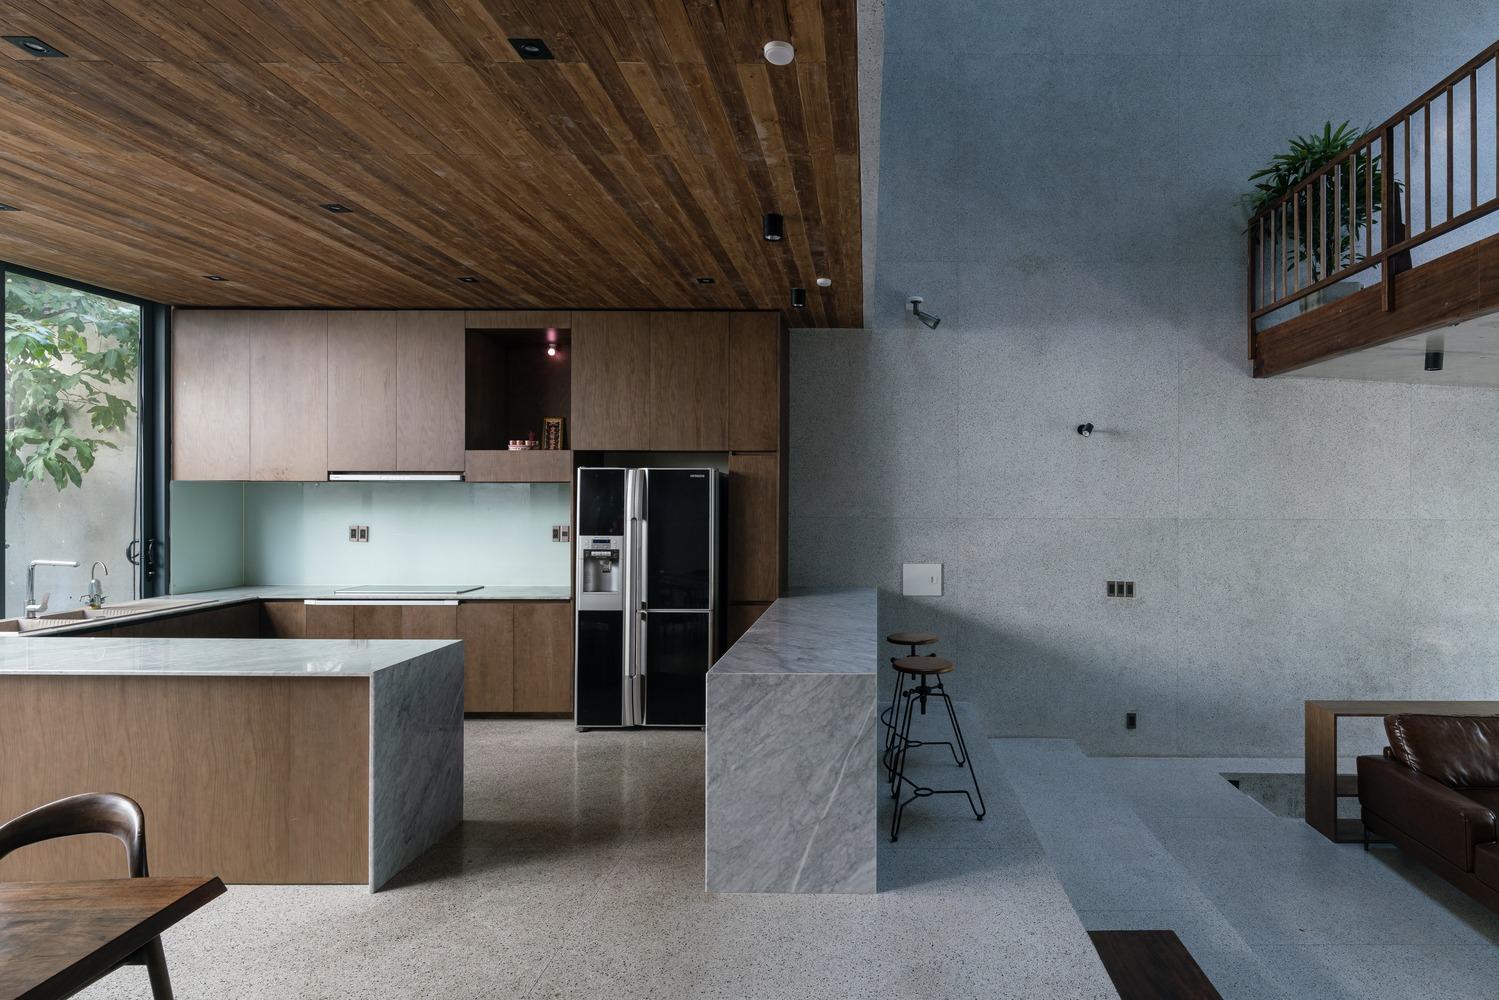 Phòng bếp rộng rãi với trần ốp gỗ, tường bê tông xám